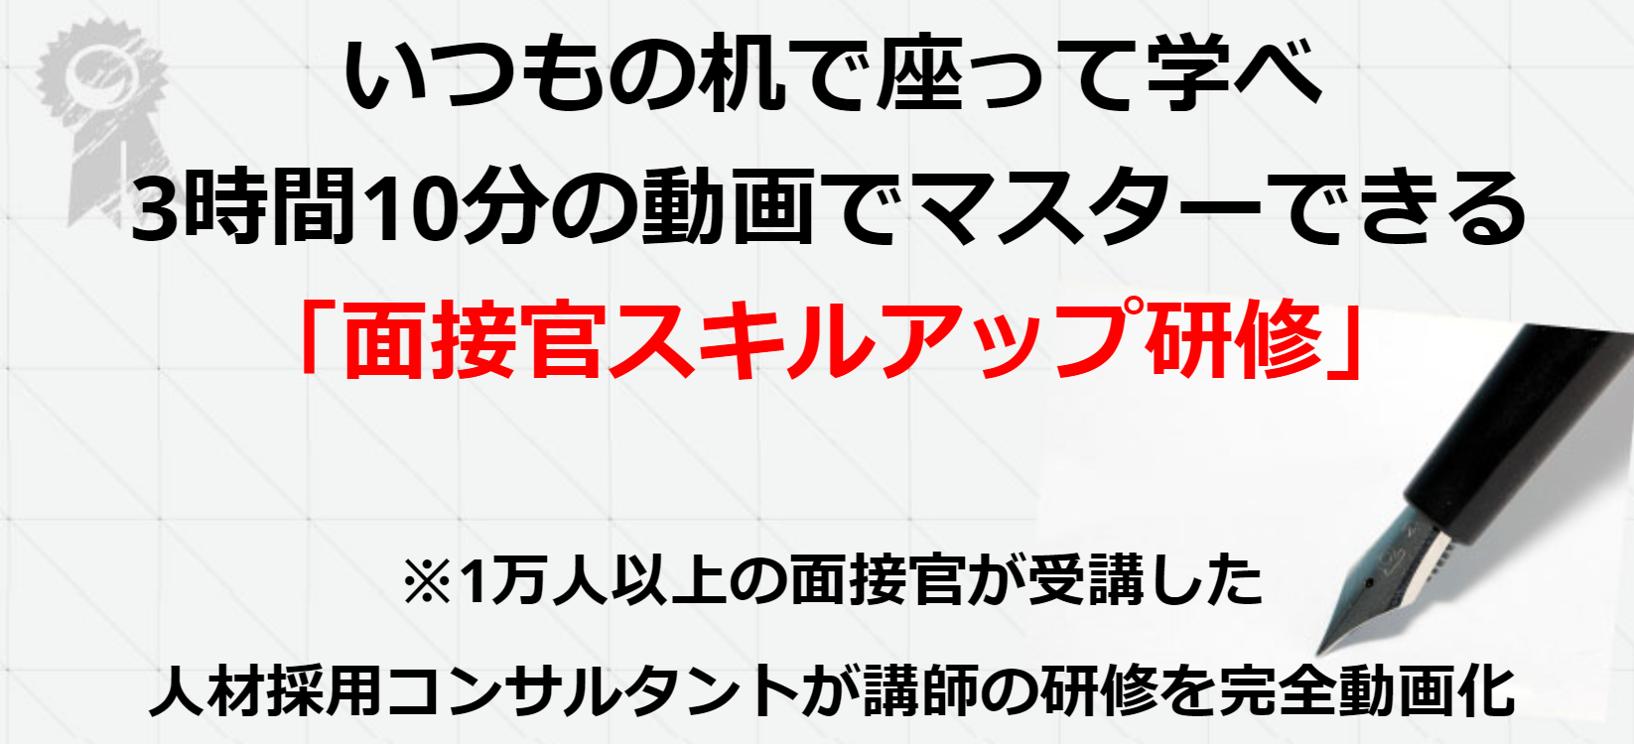 面接官スキルアップ研修動画